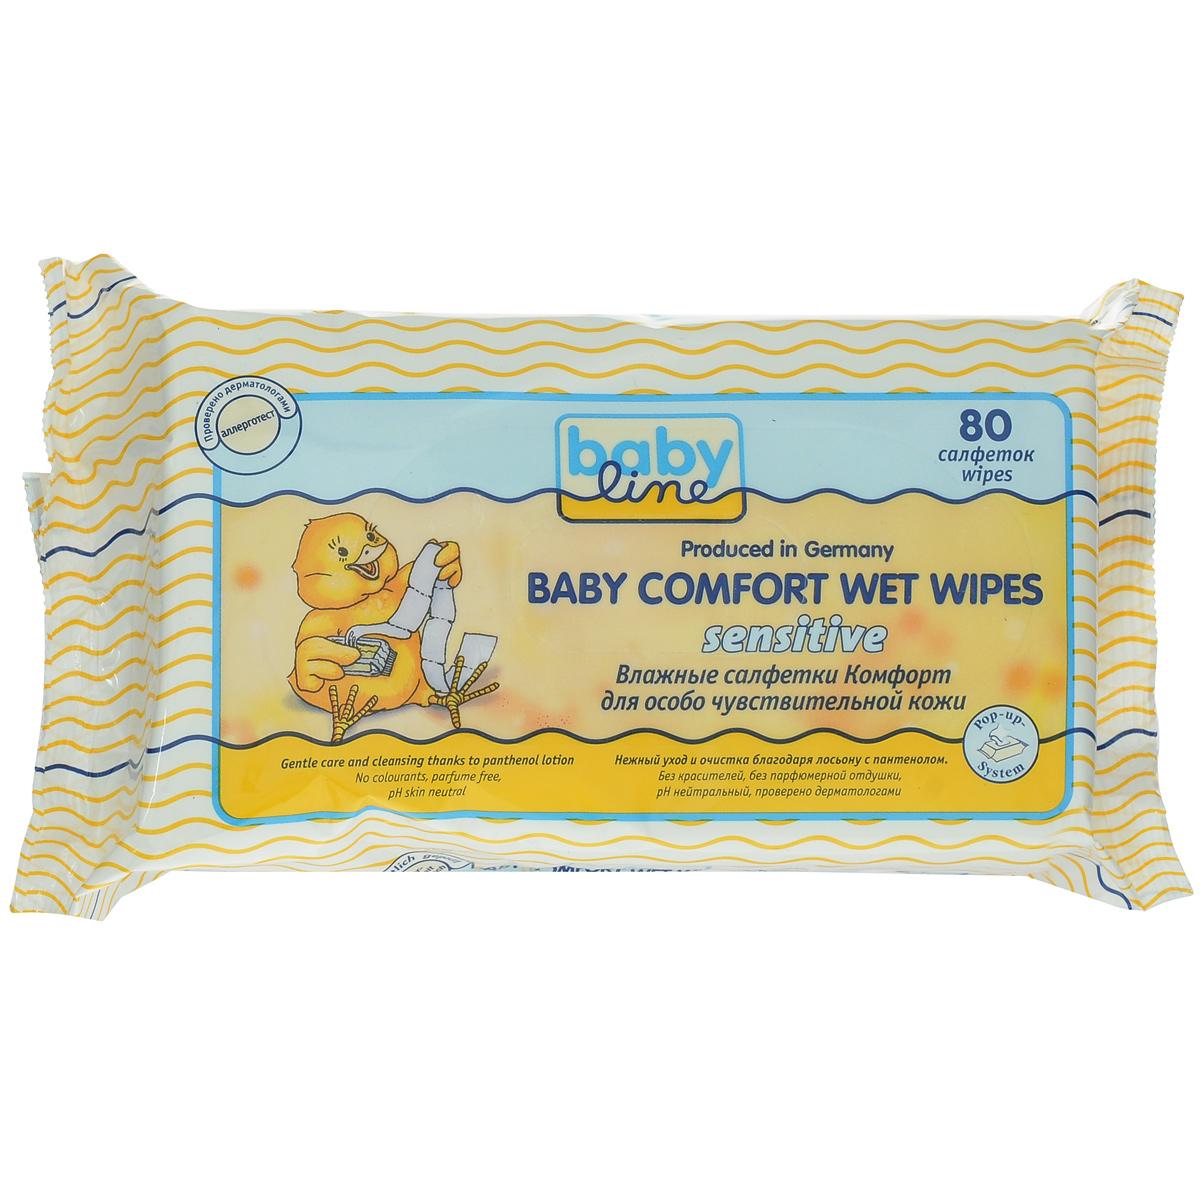 BabyLine Влажные салфетки Babe Comfort. Sensitivе, для особо чувствительной кожи, 80 шт салфетки babyline влажные салфетки комфорт sensitive 80 шт